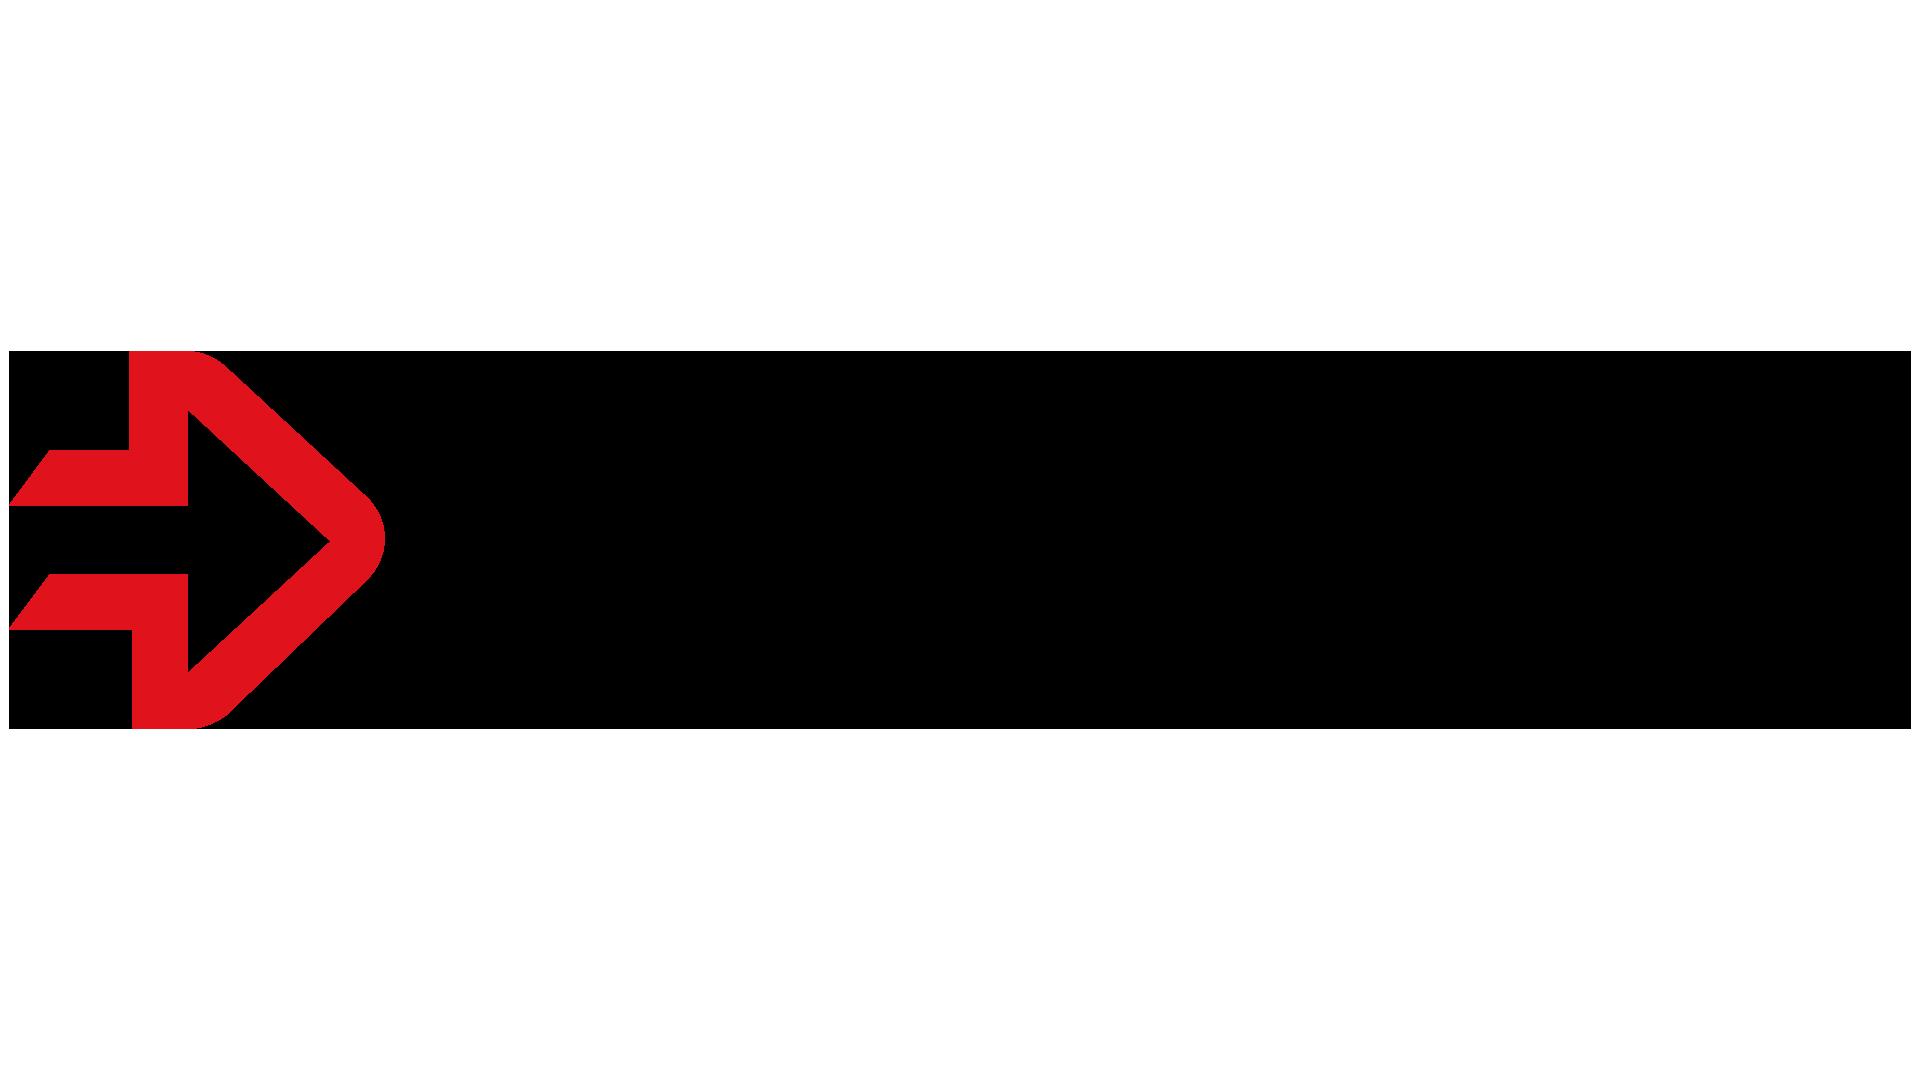 Exact Go - Ontdek de beste software bij Appwiki!